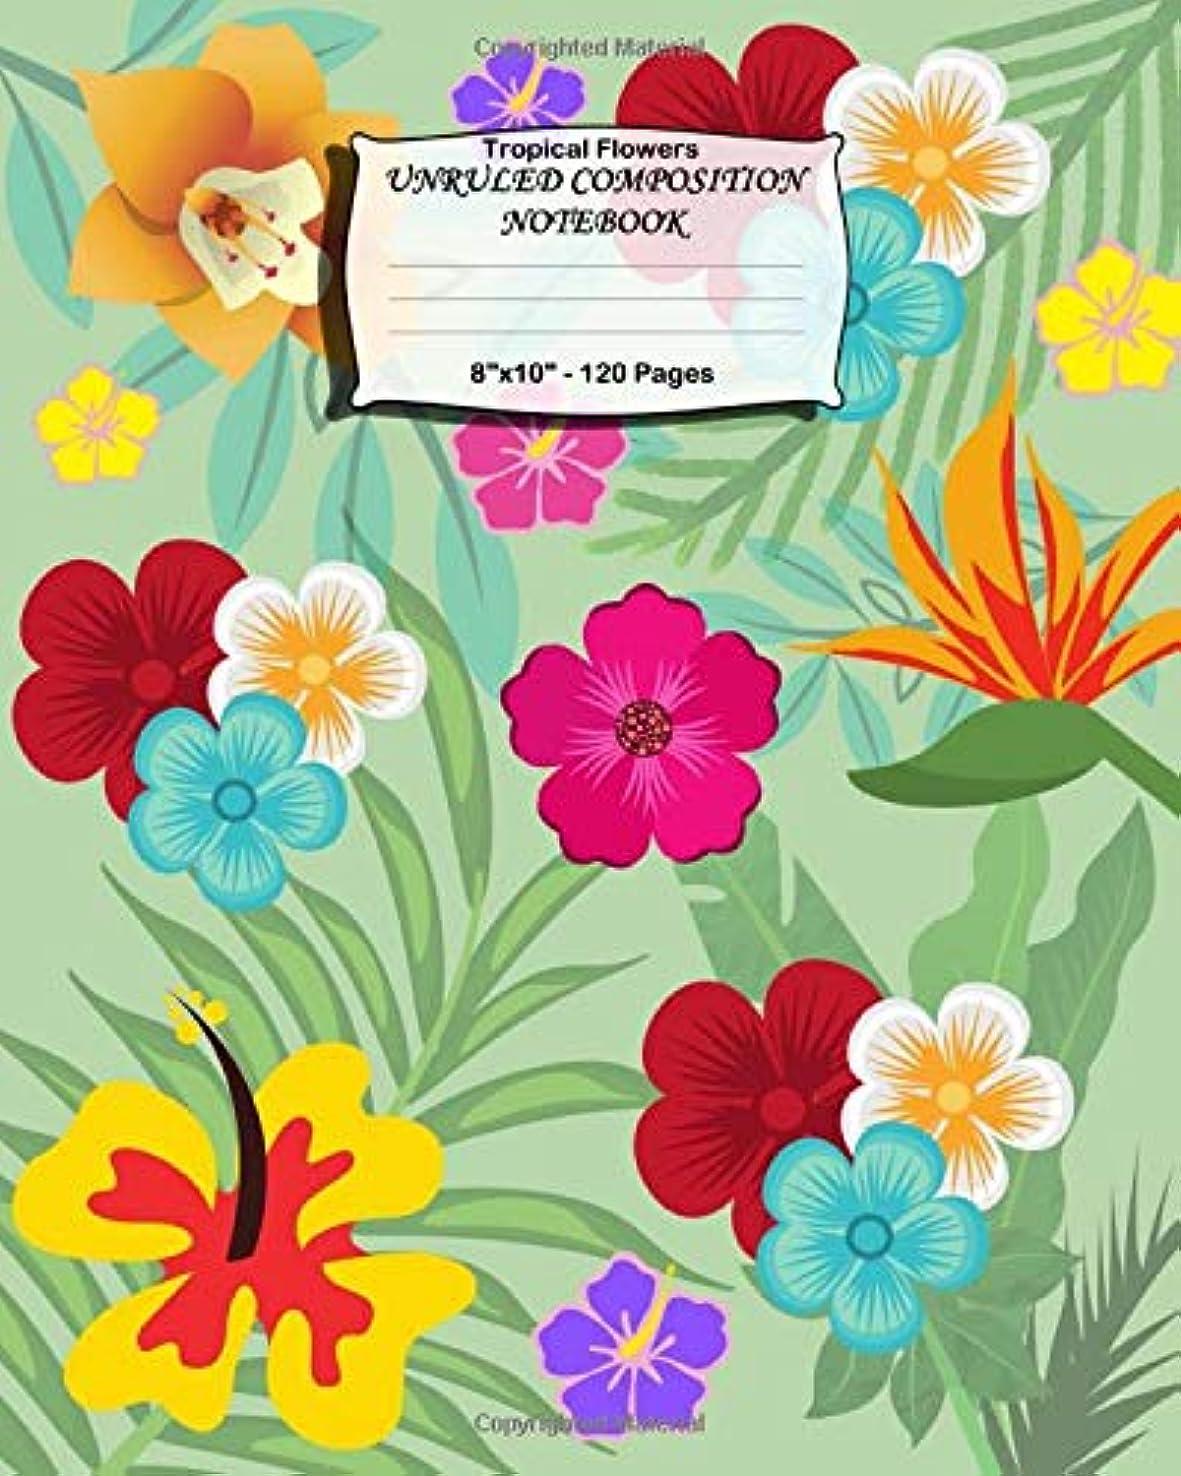 最大限パン羊Tropical Flowers Unruled Composition Notebook: Blank Notebook For Flower Lovers. Suitable For Women And Girls. Tropical Flowers And Leaves Cover.